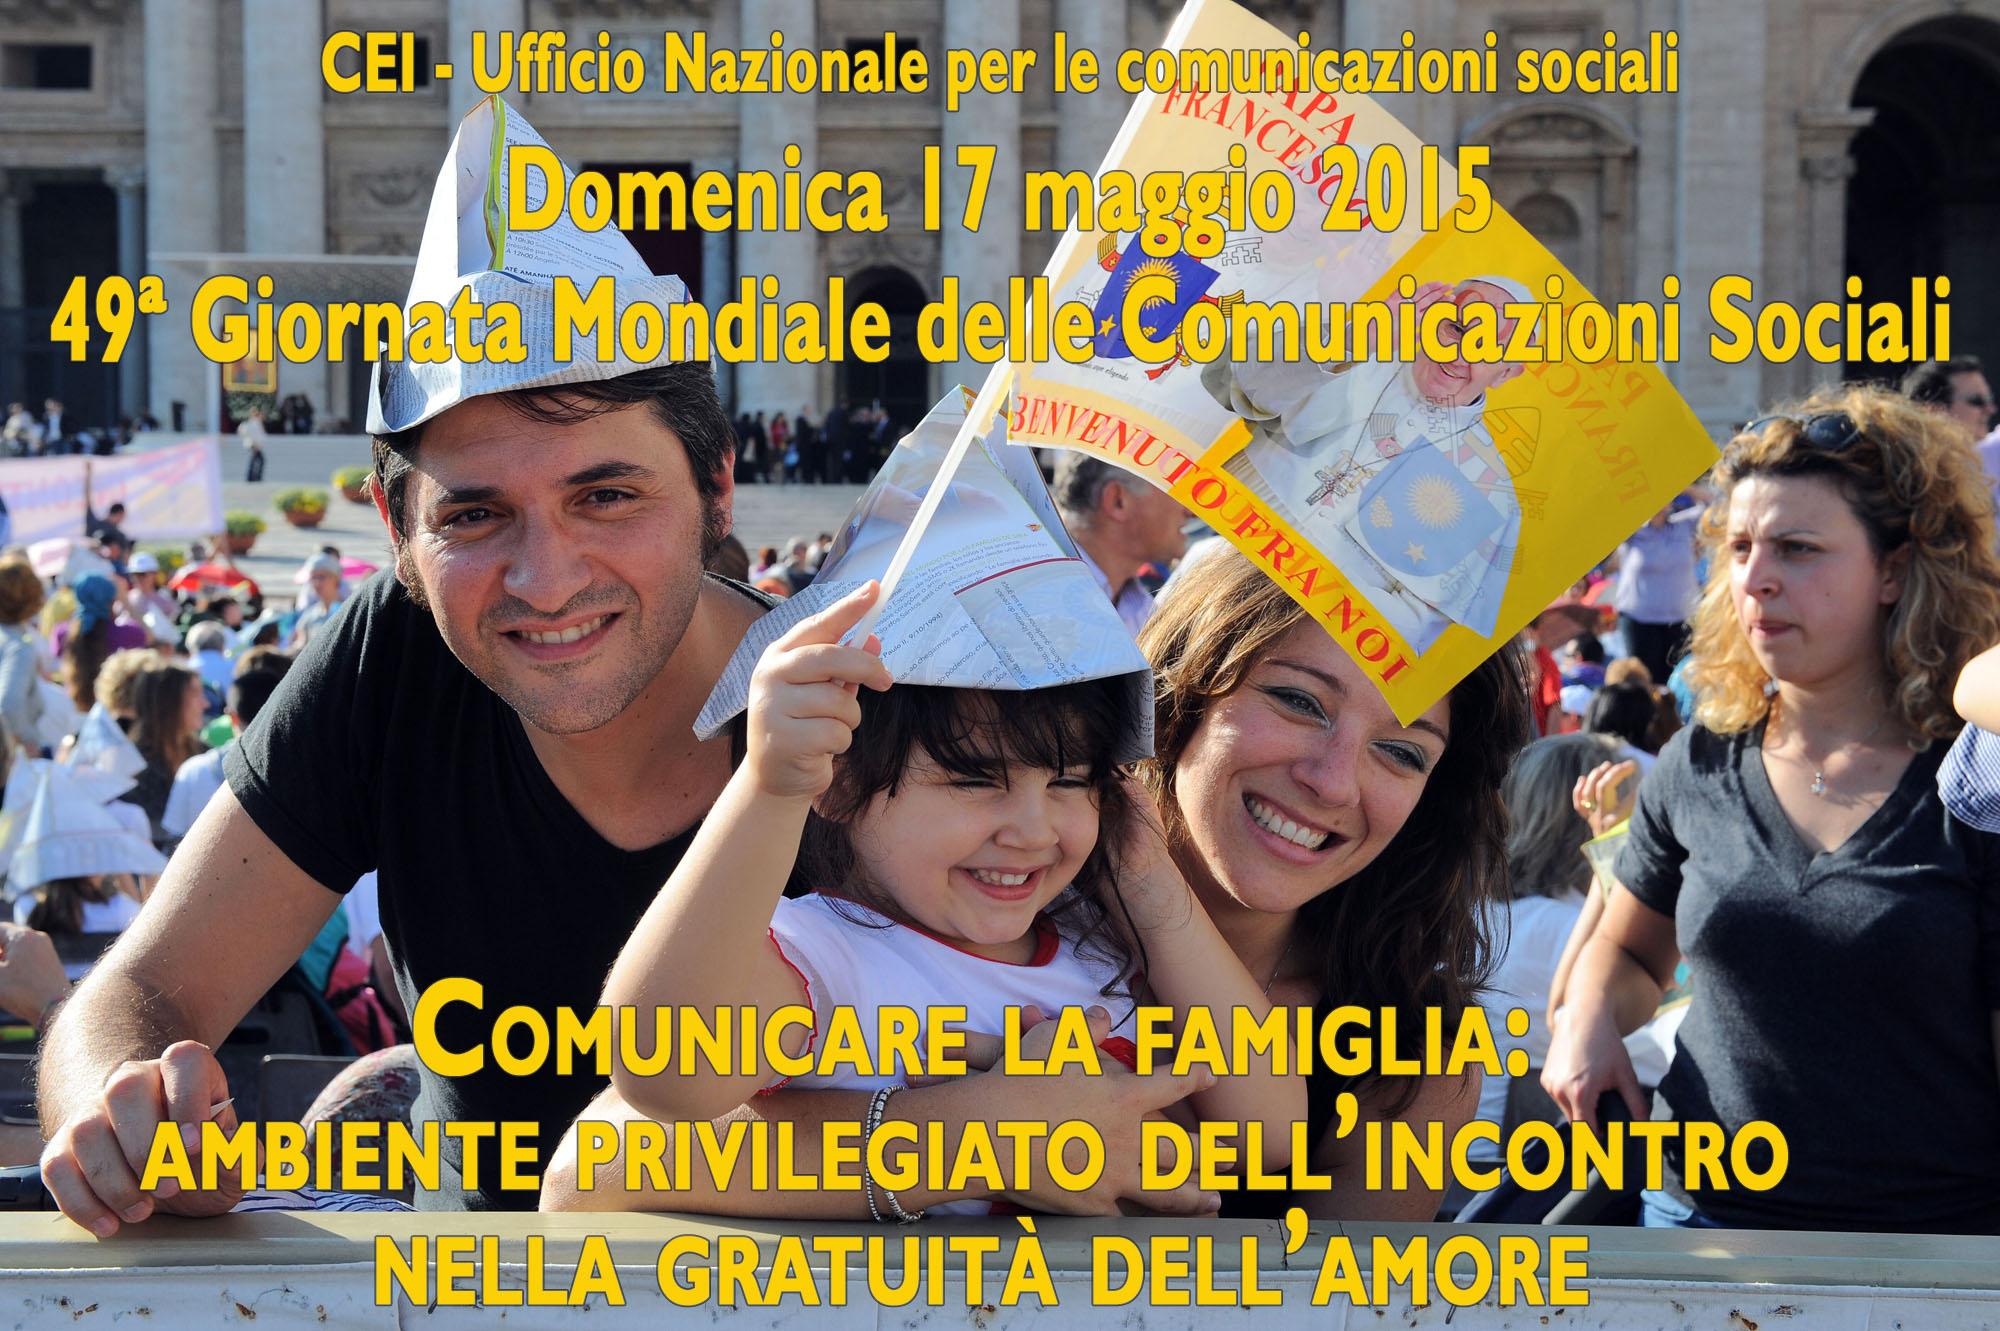 Il messaggio di Papa Francesco per la 49° Giornata mondiale delle comunicazioni sociali